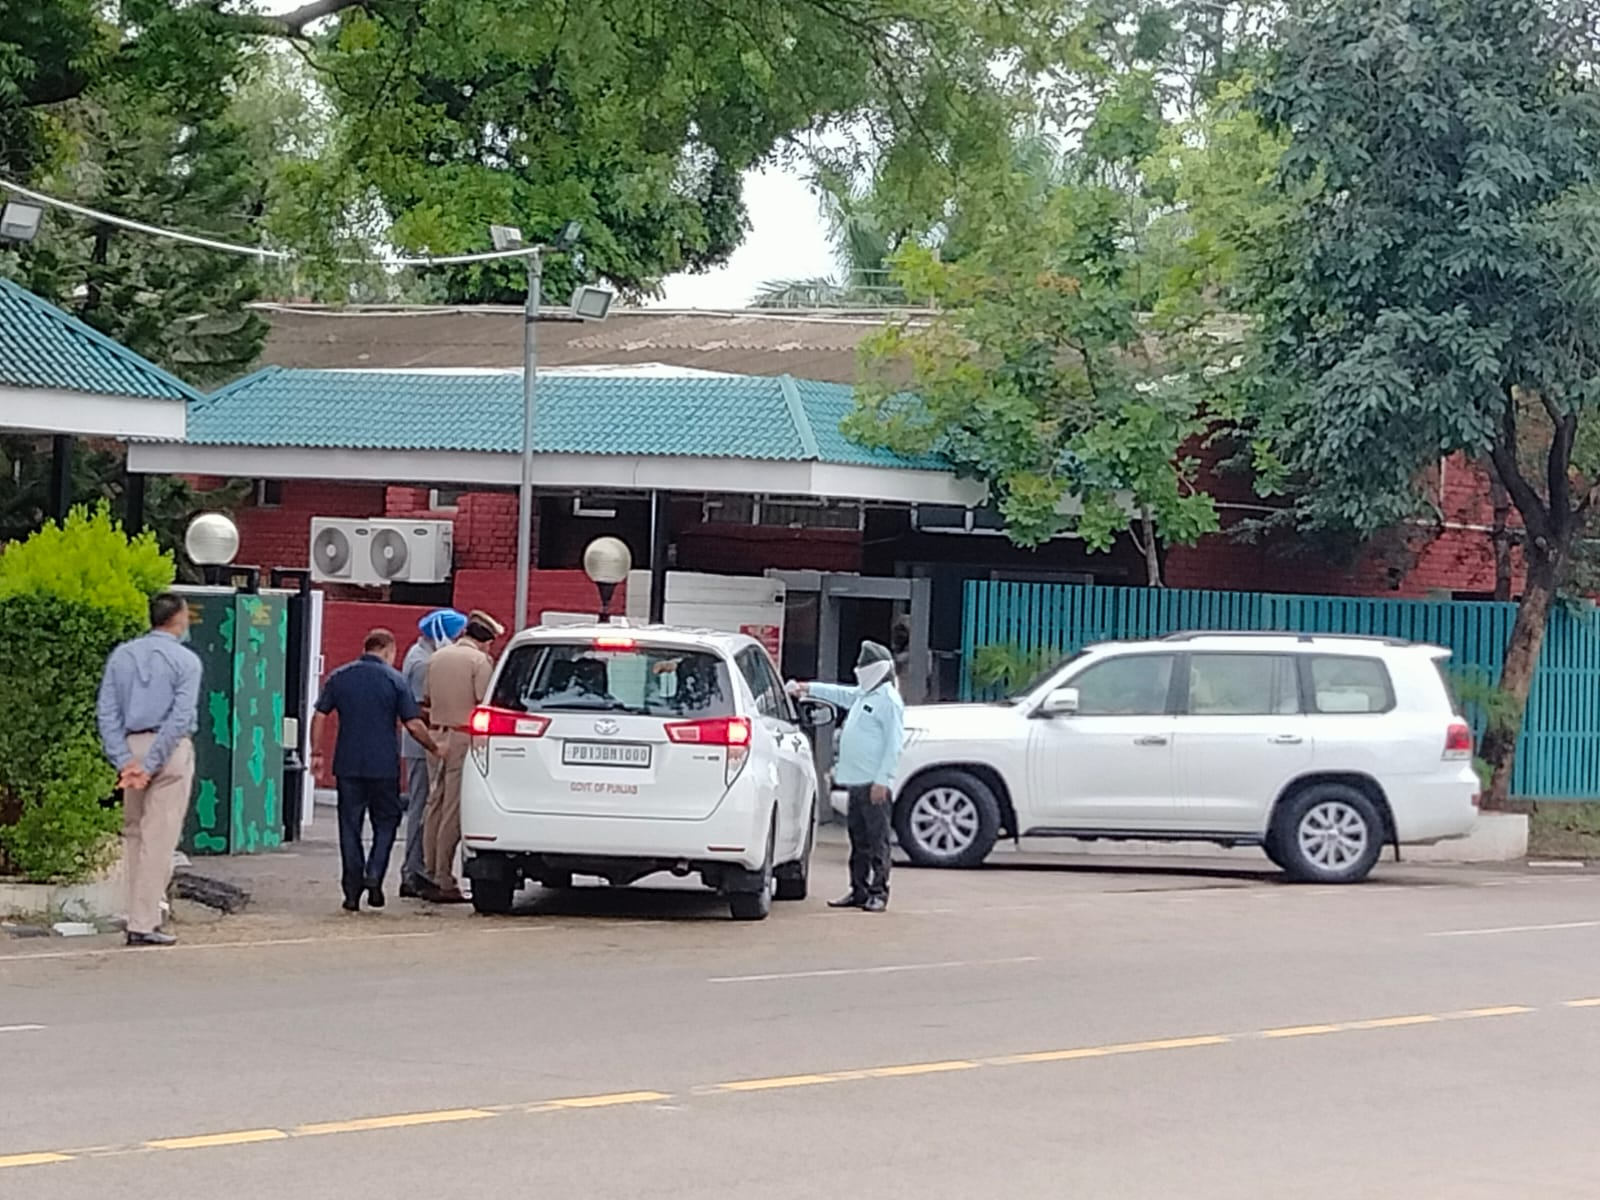 कैप्टन ने सरकारी आवास में करीबी विधायकों व मंत्रियों से मिले, सिद्धू कैप्टन के नजदीकी राणा केपी से मिलने पहुंचे, कैप्टन-सिद्धू की मुलाकात पर सस्पेंस|पंजाब,Punjab - Dainik Bhaskar